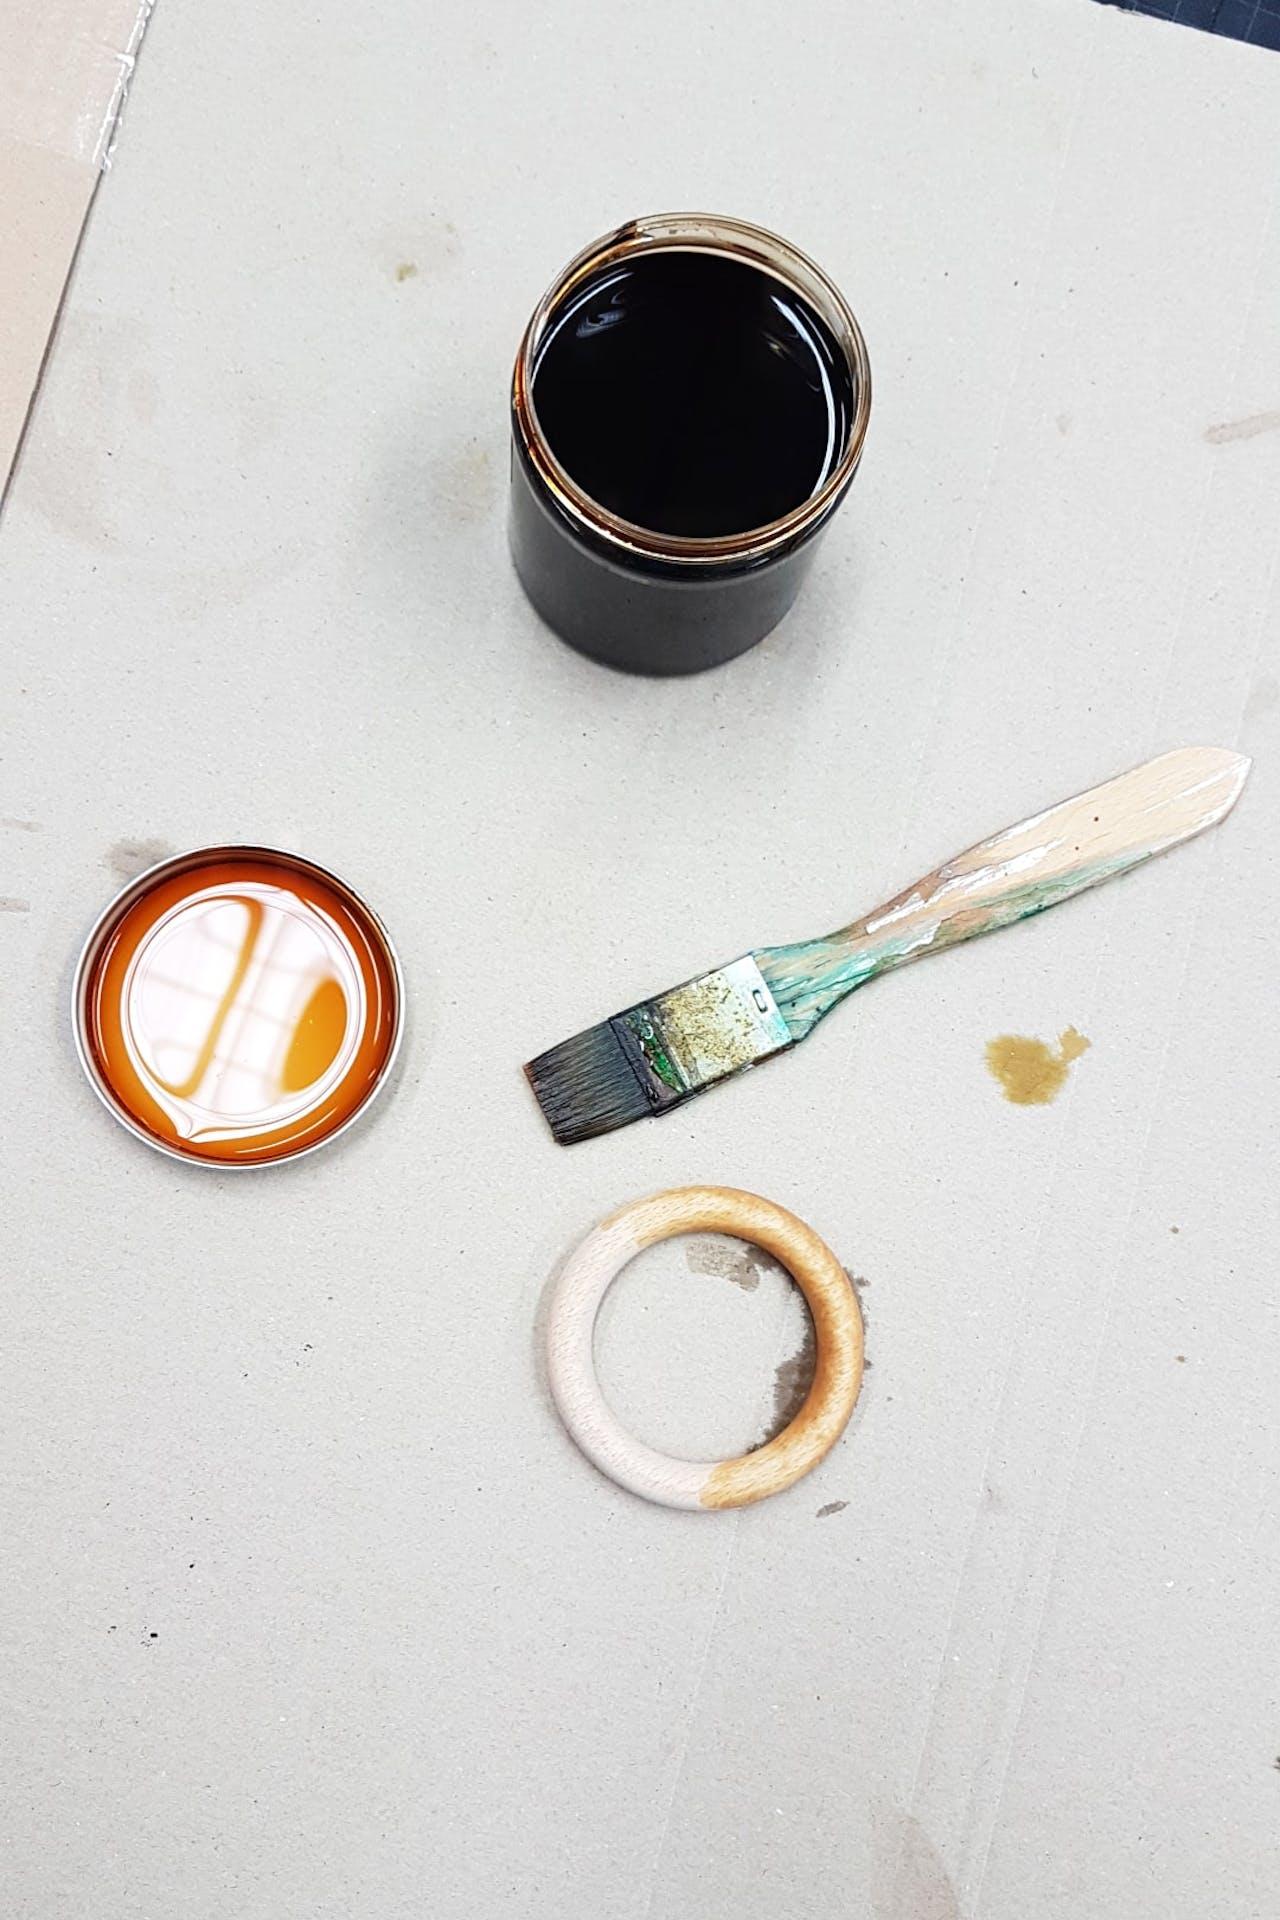 DIY Kette im Bauhaus Stil: Holzring beizen